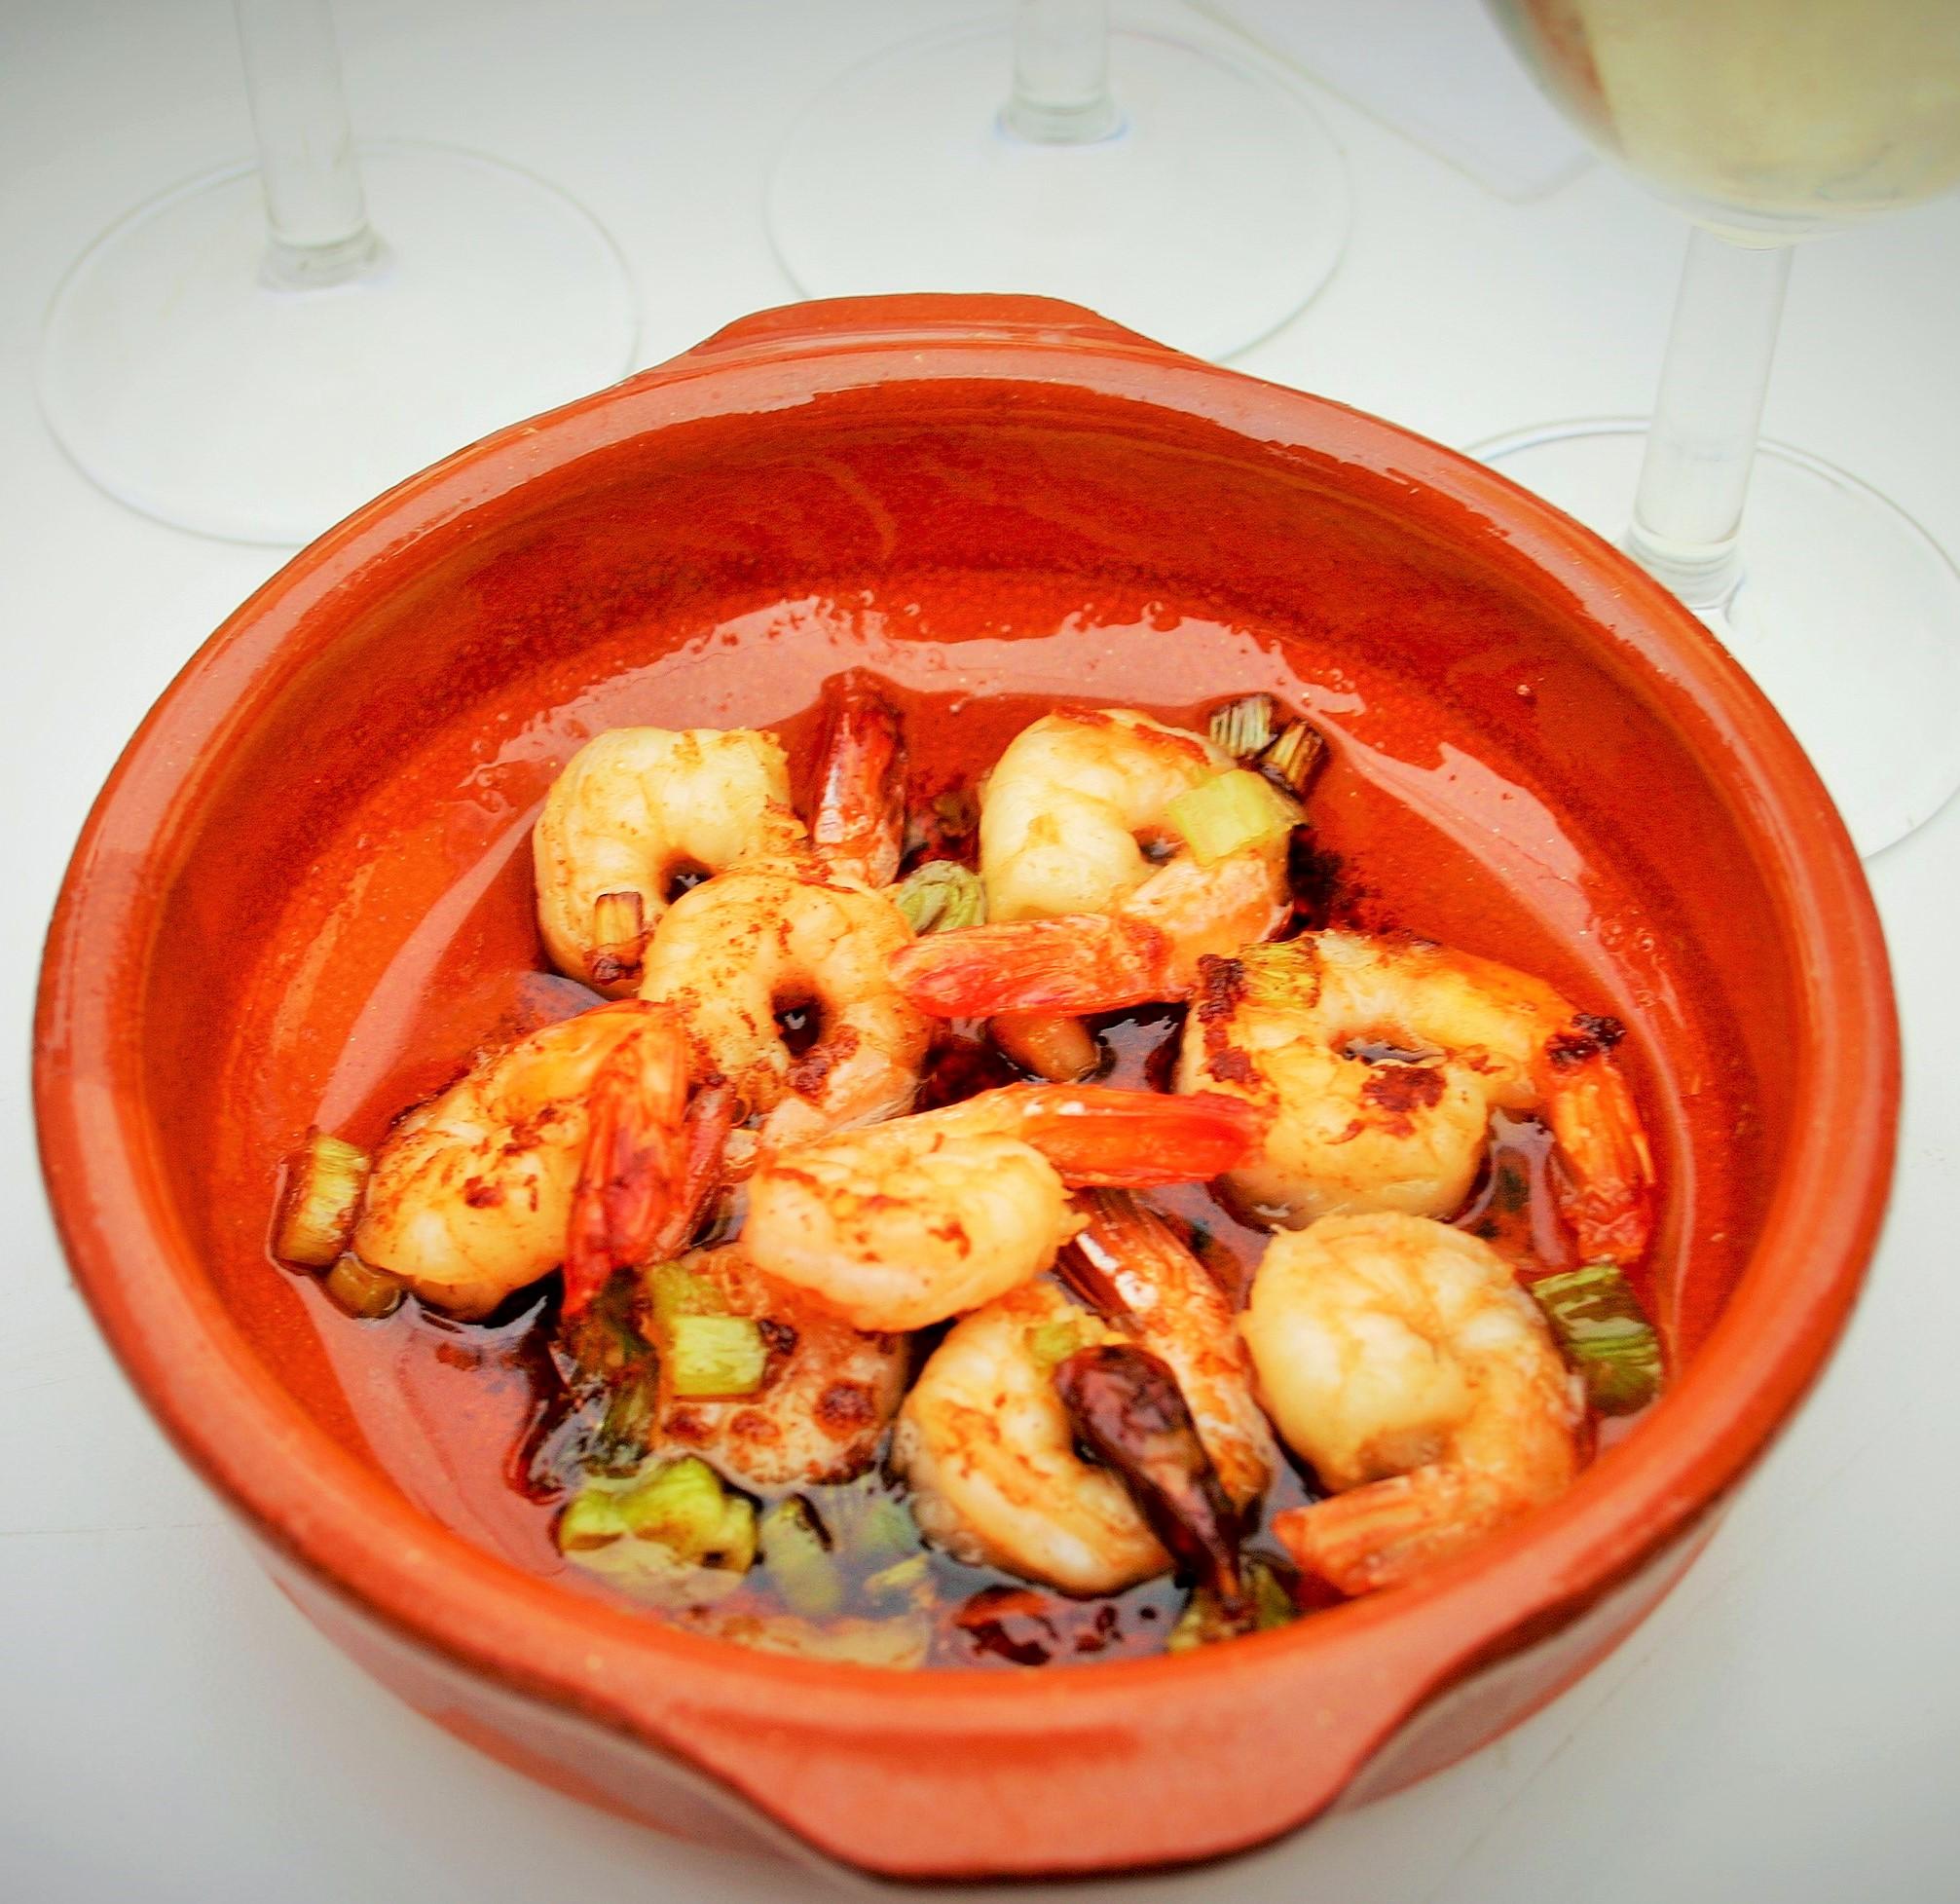 8x makkelijke tapas - Pil Pil garnalen zwemmend in hete pittige olie vol met knoflook plakje en hete pepertjes - Tapasfeestje - tapas - Mels Feestje